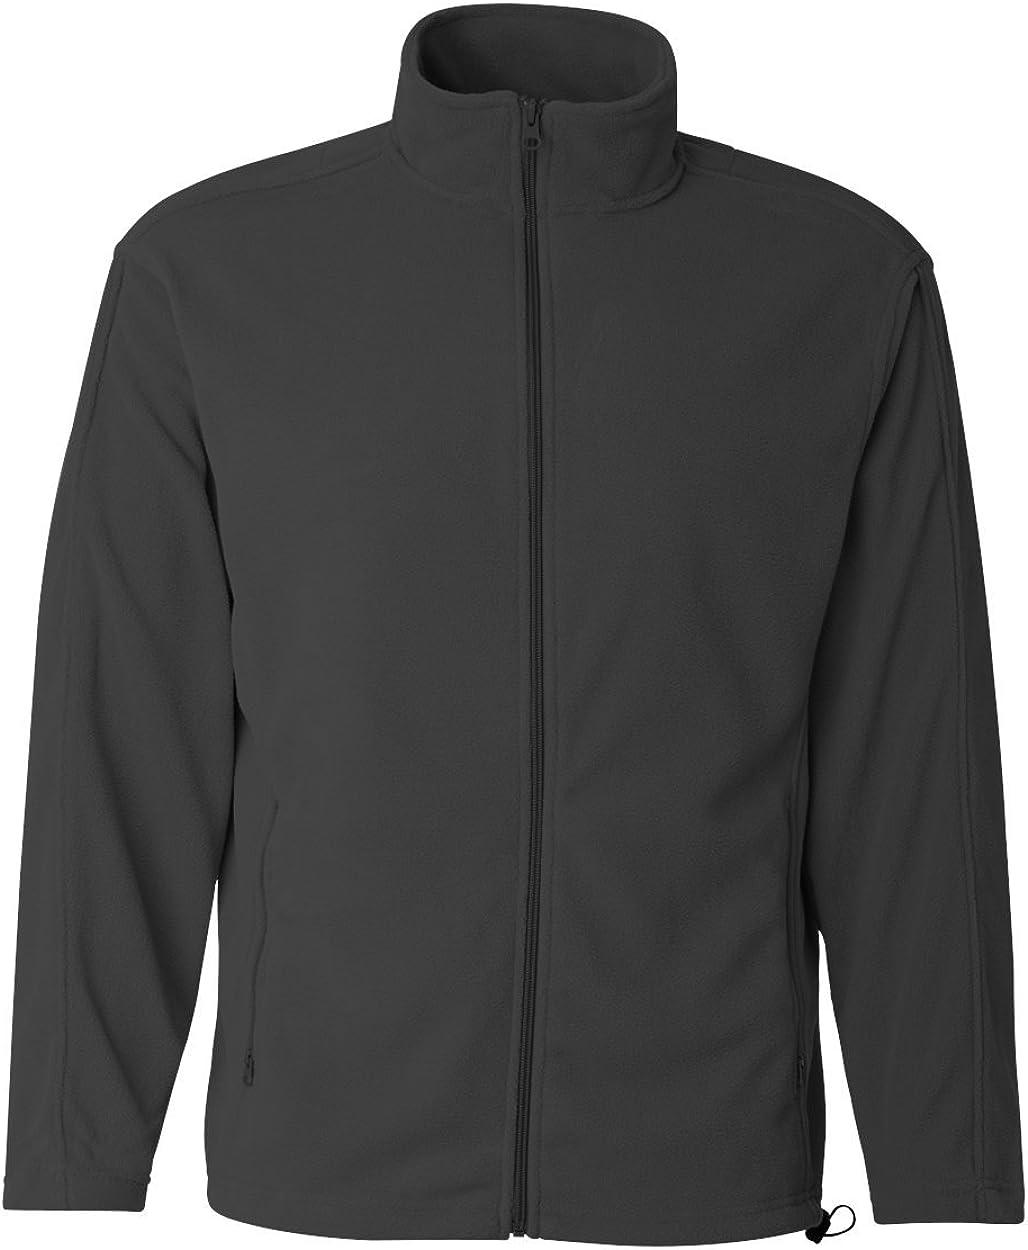 FeatherLite Mens Full-Zip Micro-Fleece